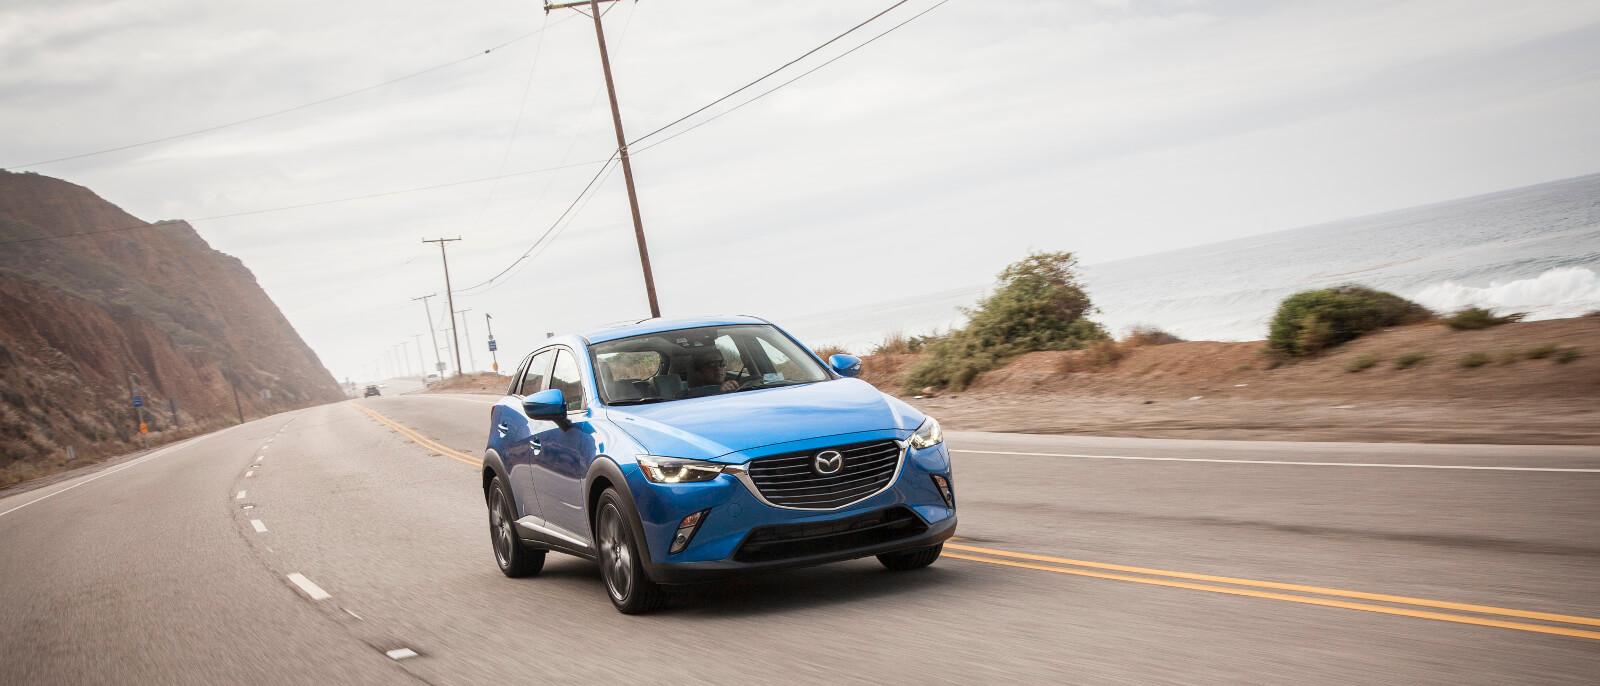 Mazda CX-3 in blue